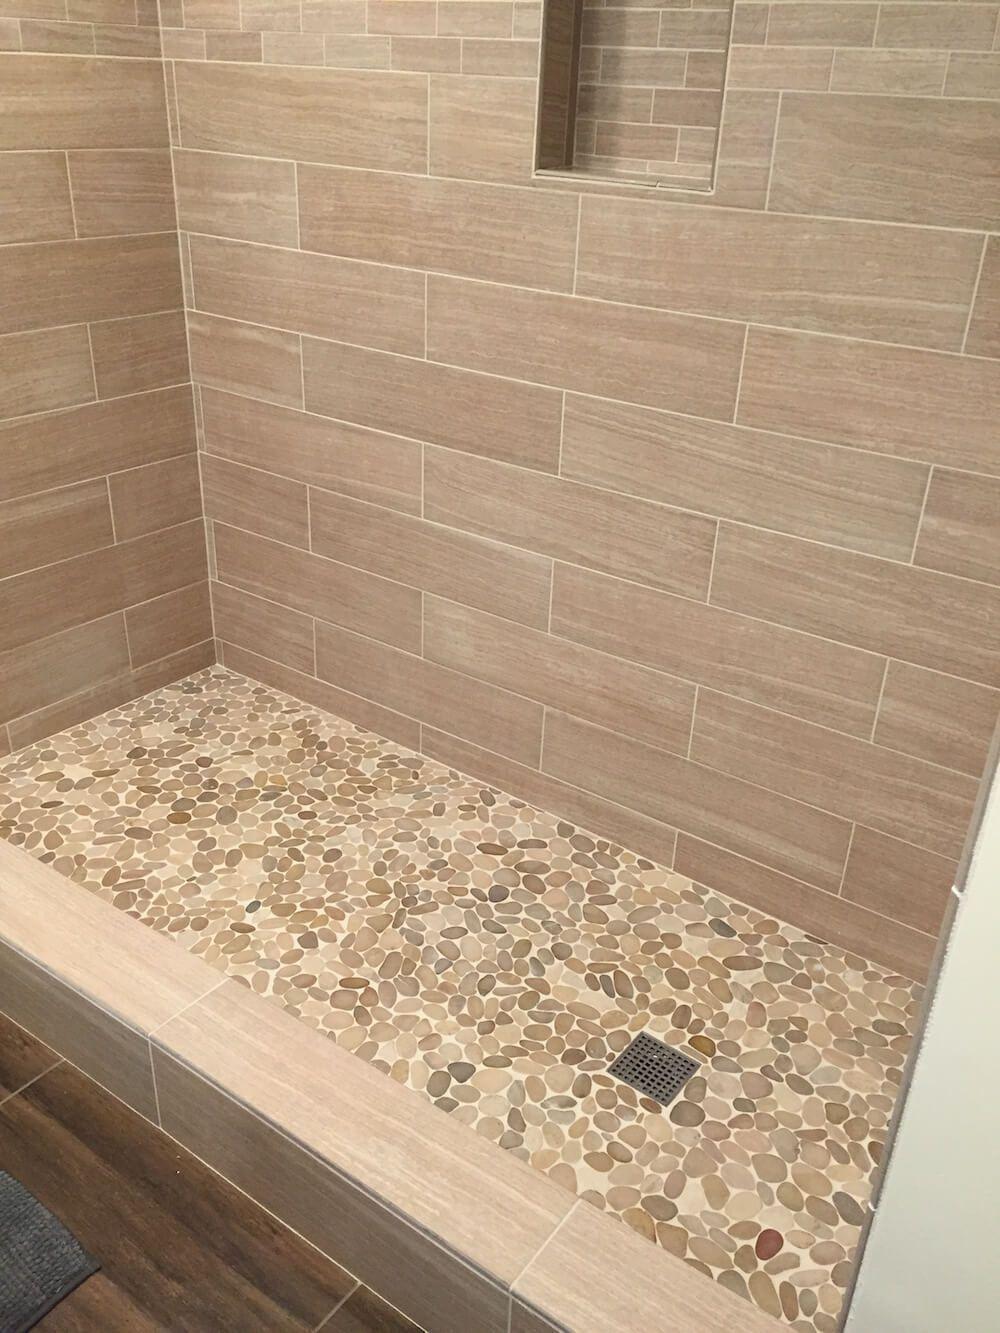 2017 Cost To Tile A Shower How Much To Tile A Shower Howmuchtoremodelashower Plitka Dlya Vannoj Plitka Dlya Dushevoj Pol V Dushevoj